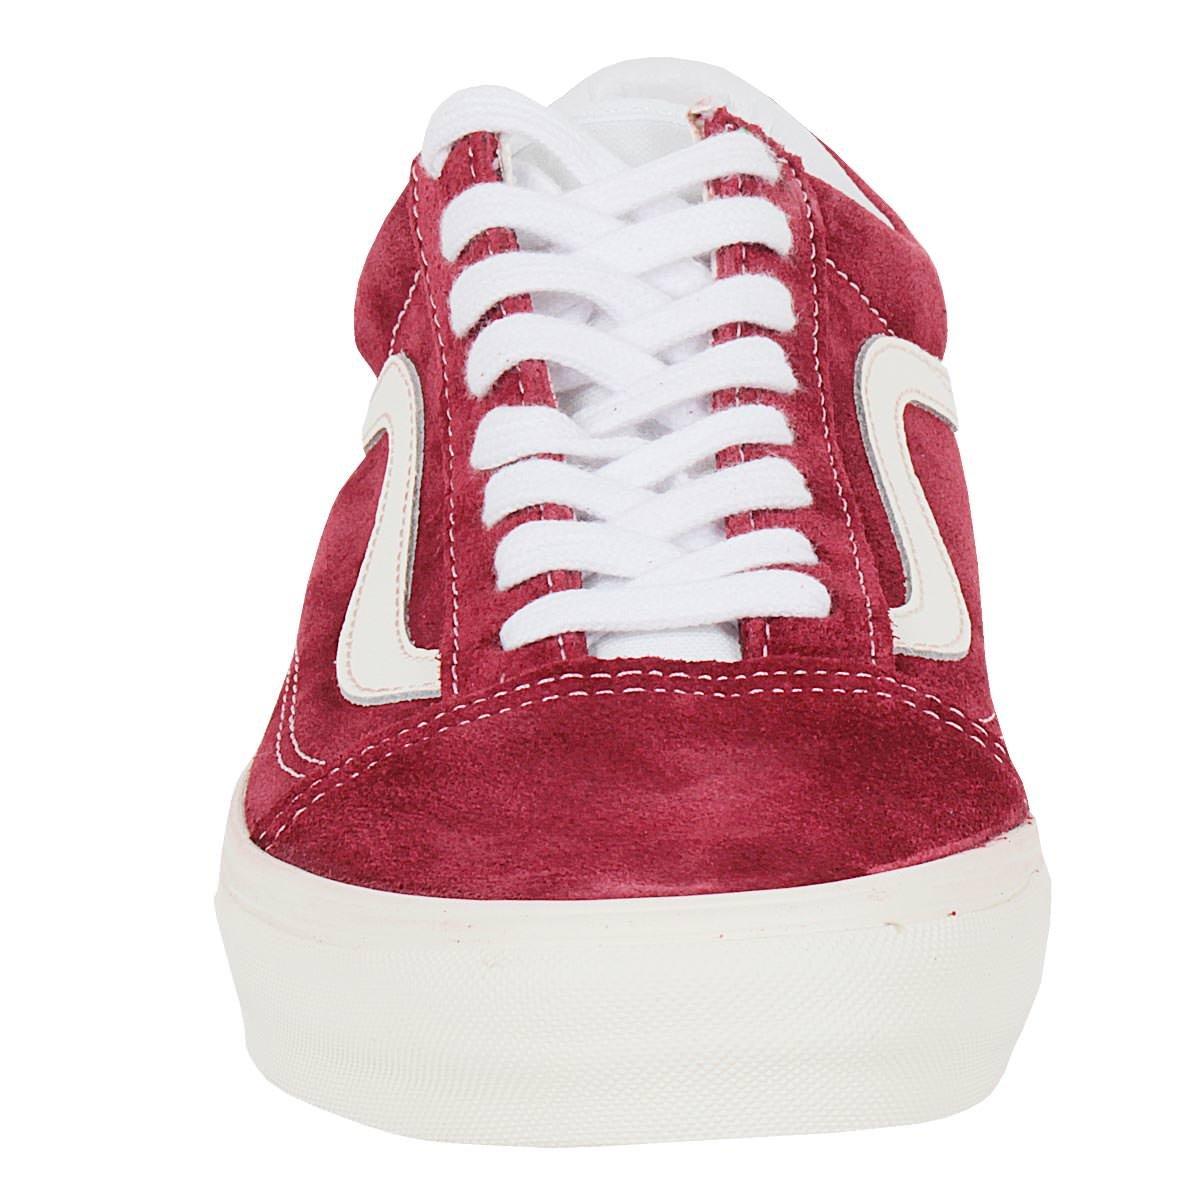 2113a2c504 Tag  Tênis Vans Old Skool Vermelho Branco